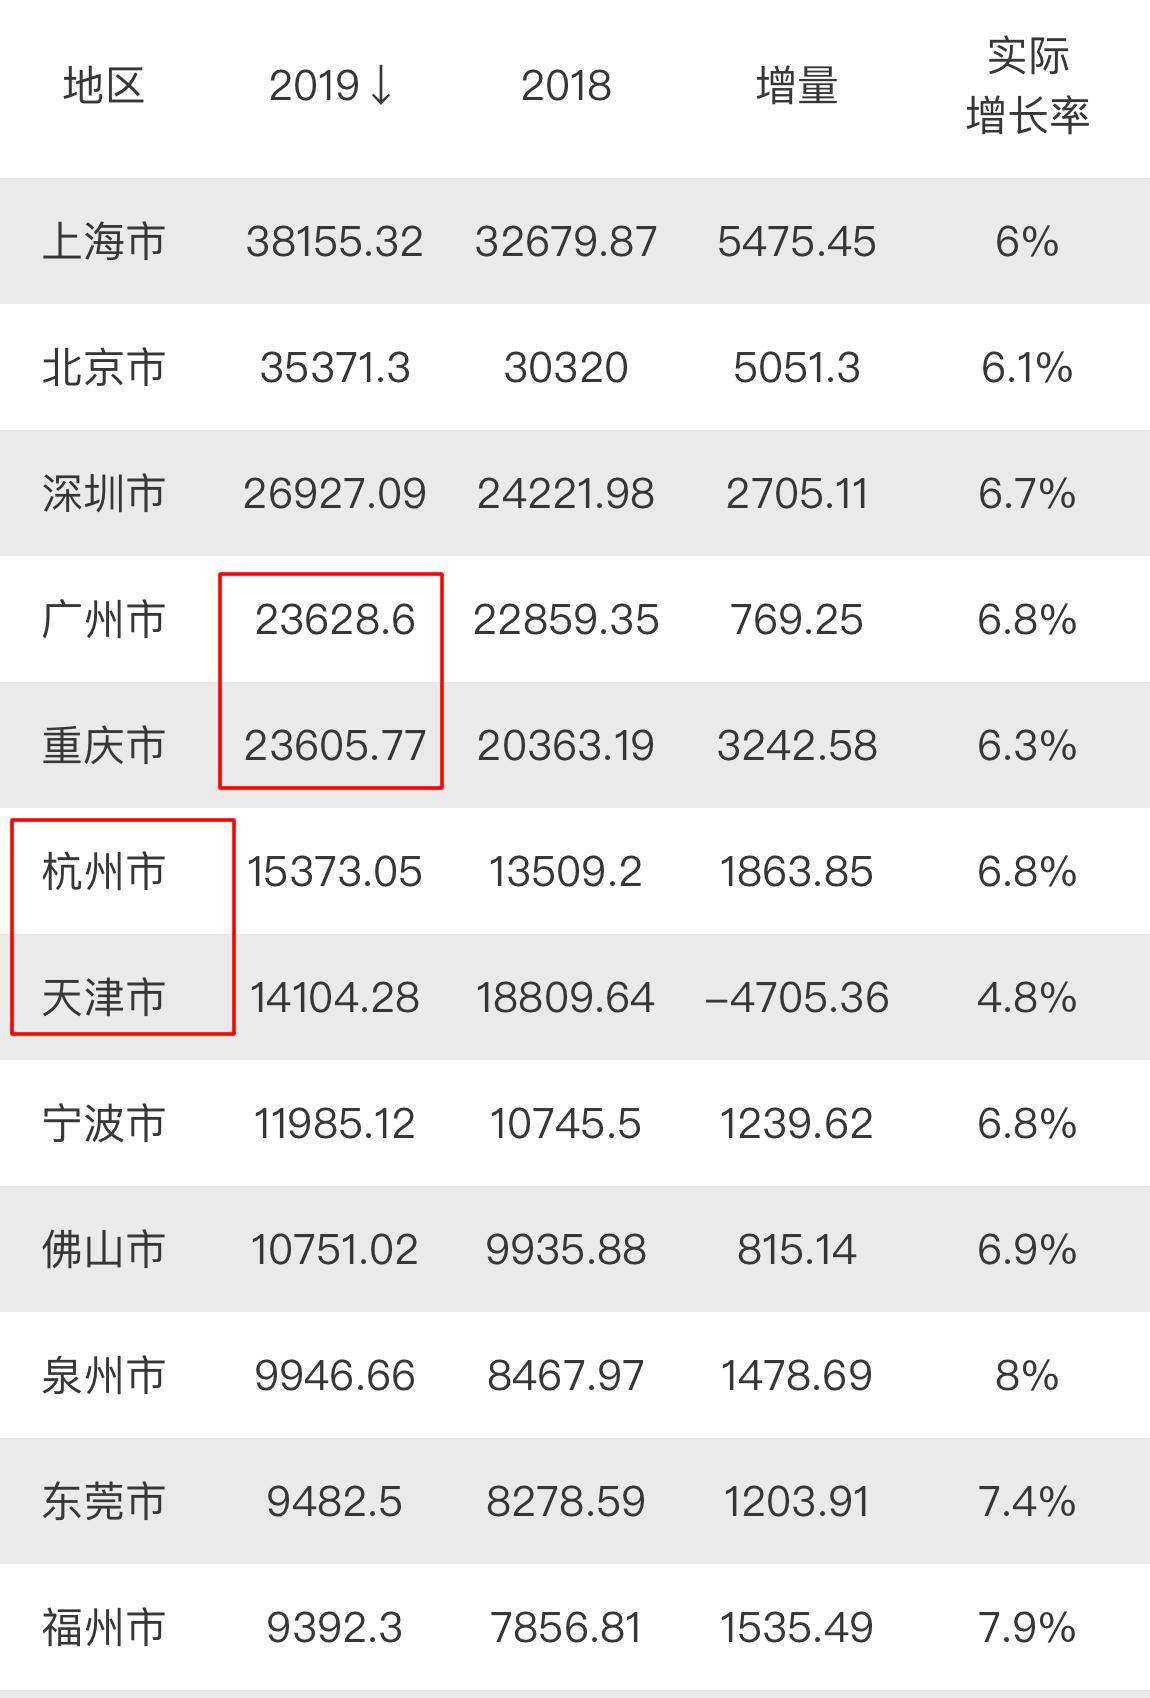 2019全国gdp [2019年广州GDP以微弱优势领先重庆,那2020年重庆有可能反超吗?]